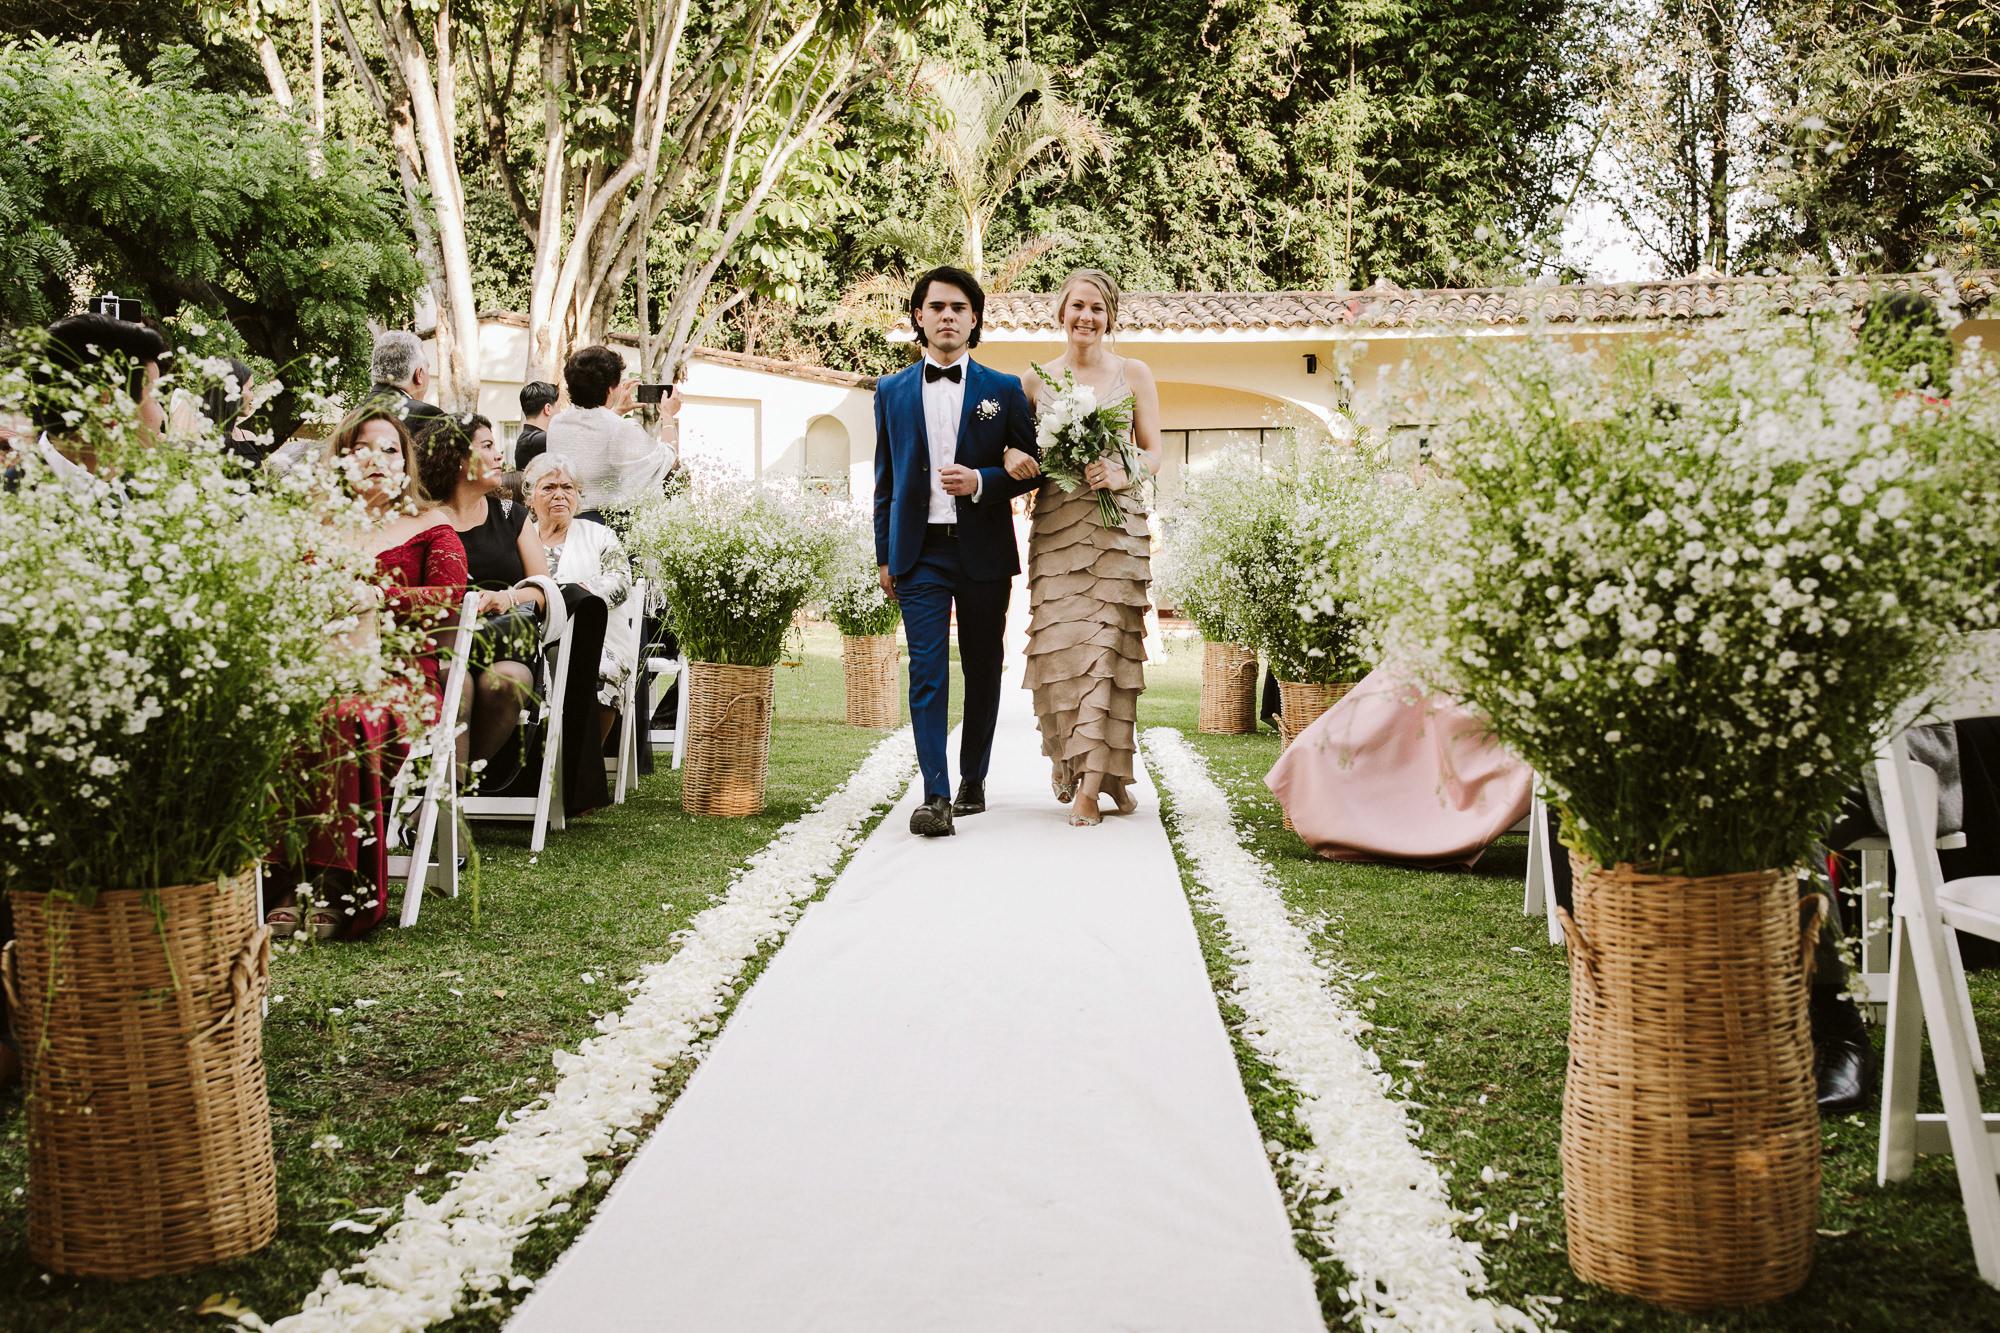 bodas_en_tepoztlan_casa_bugambilia_alfonso_flores_destination_wedding_photographer125.jpg